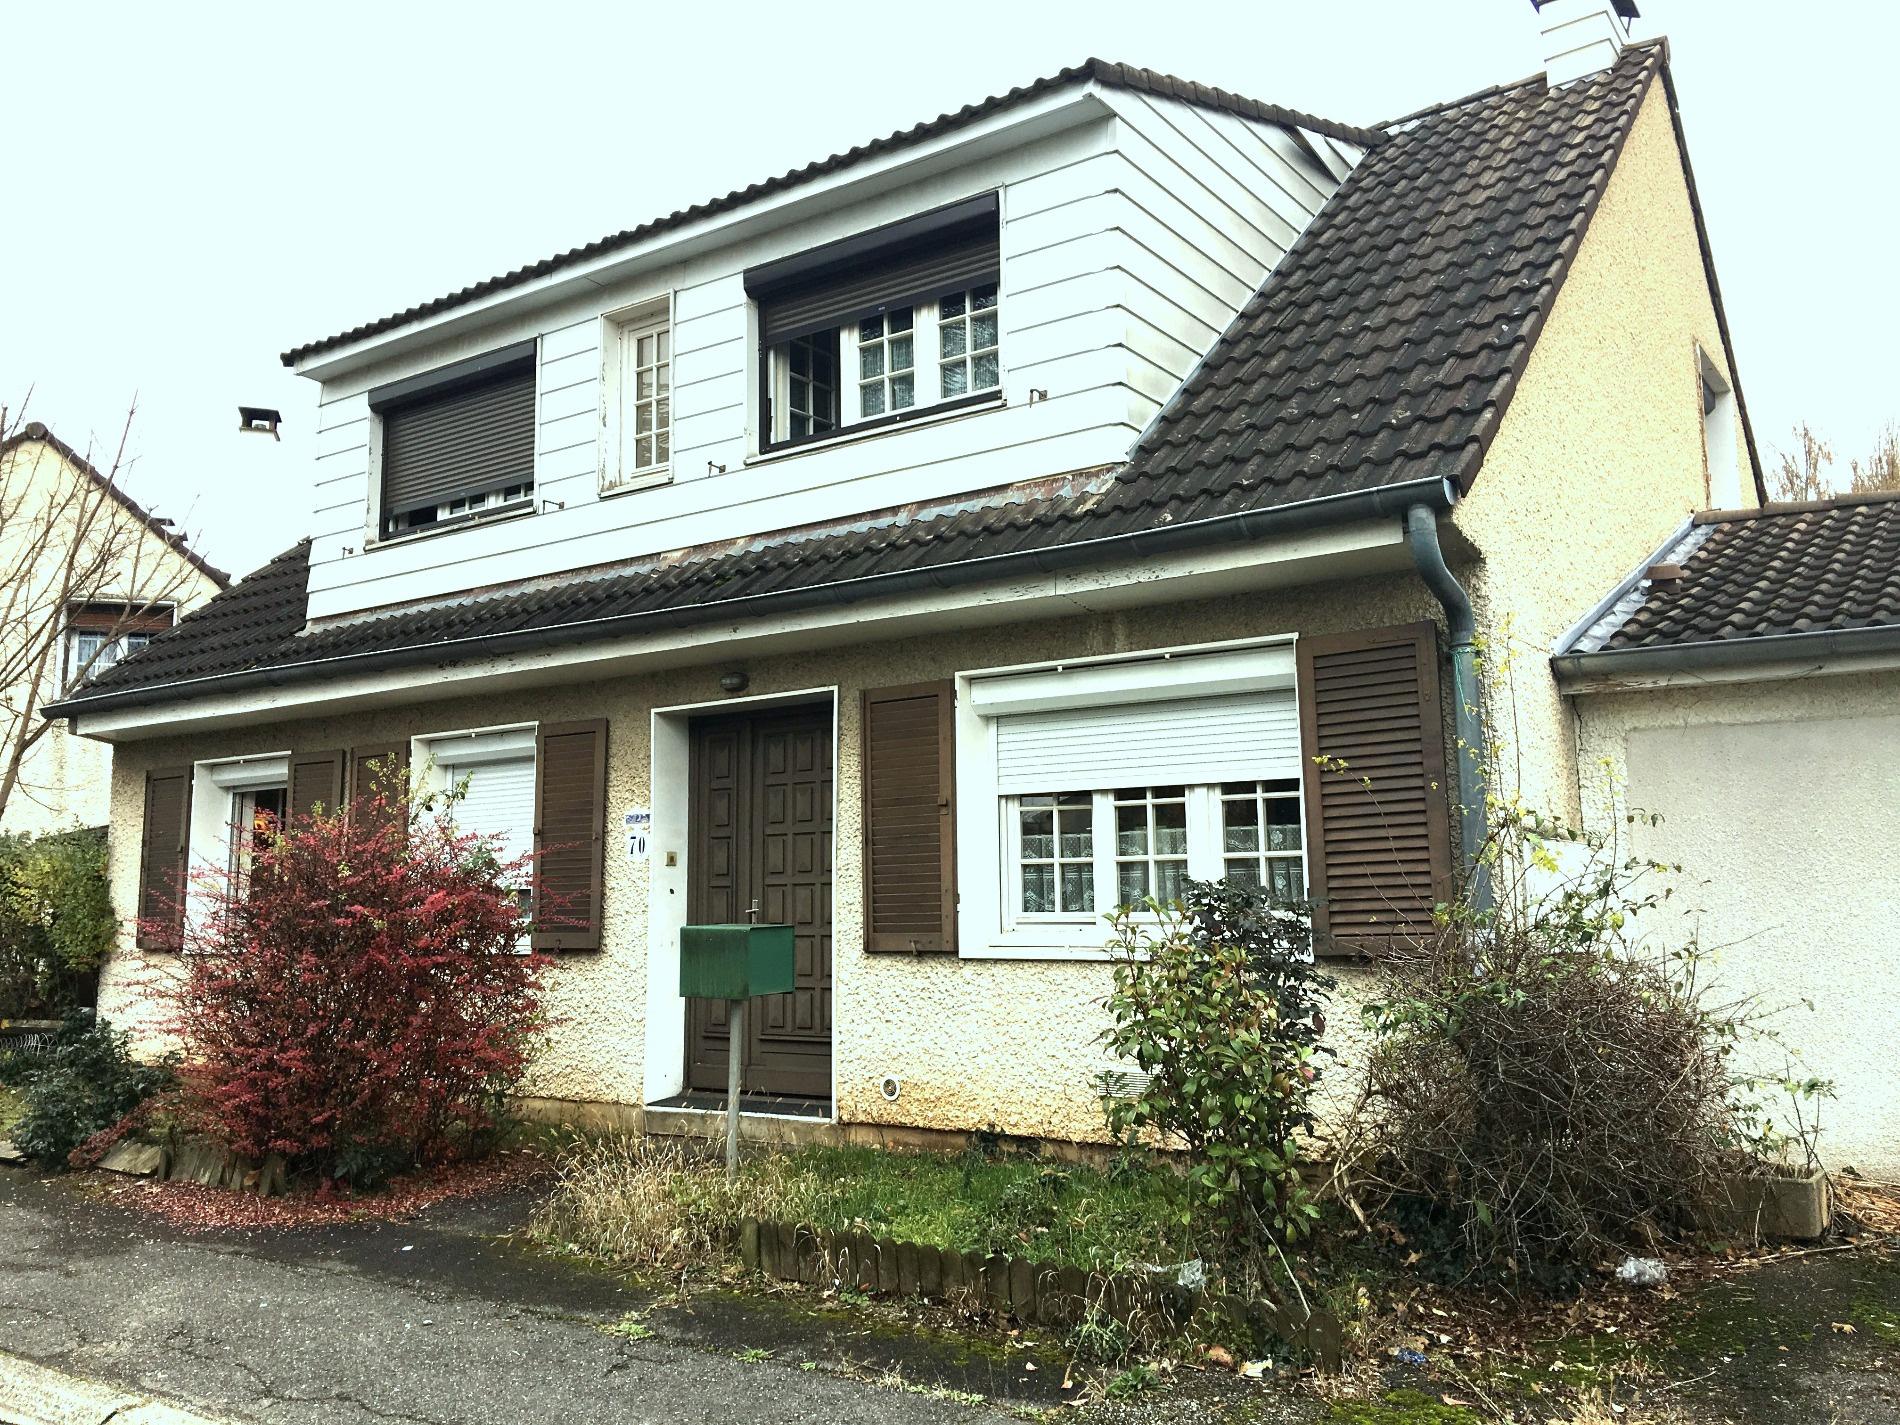 Vente maison meyzieu carreau for Prix m2 meyzieu